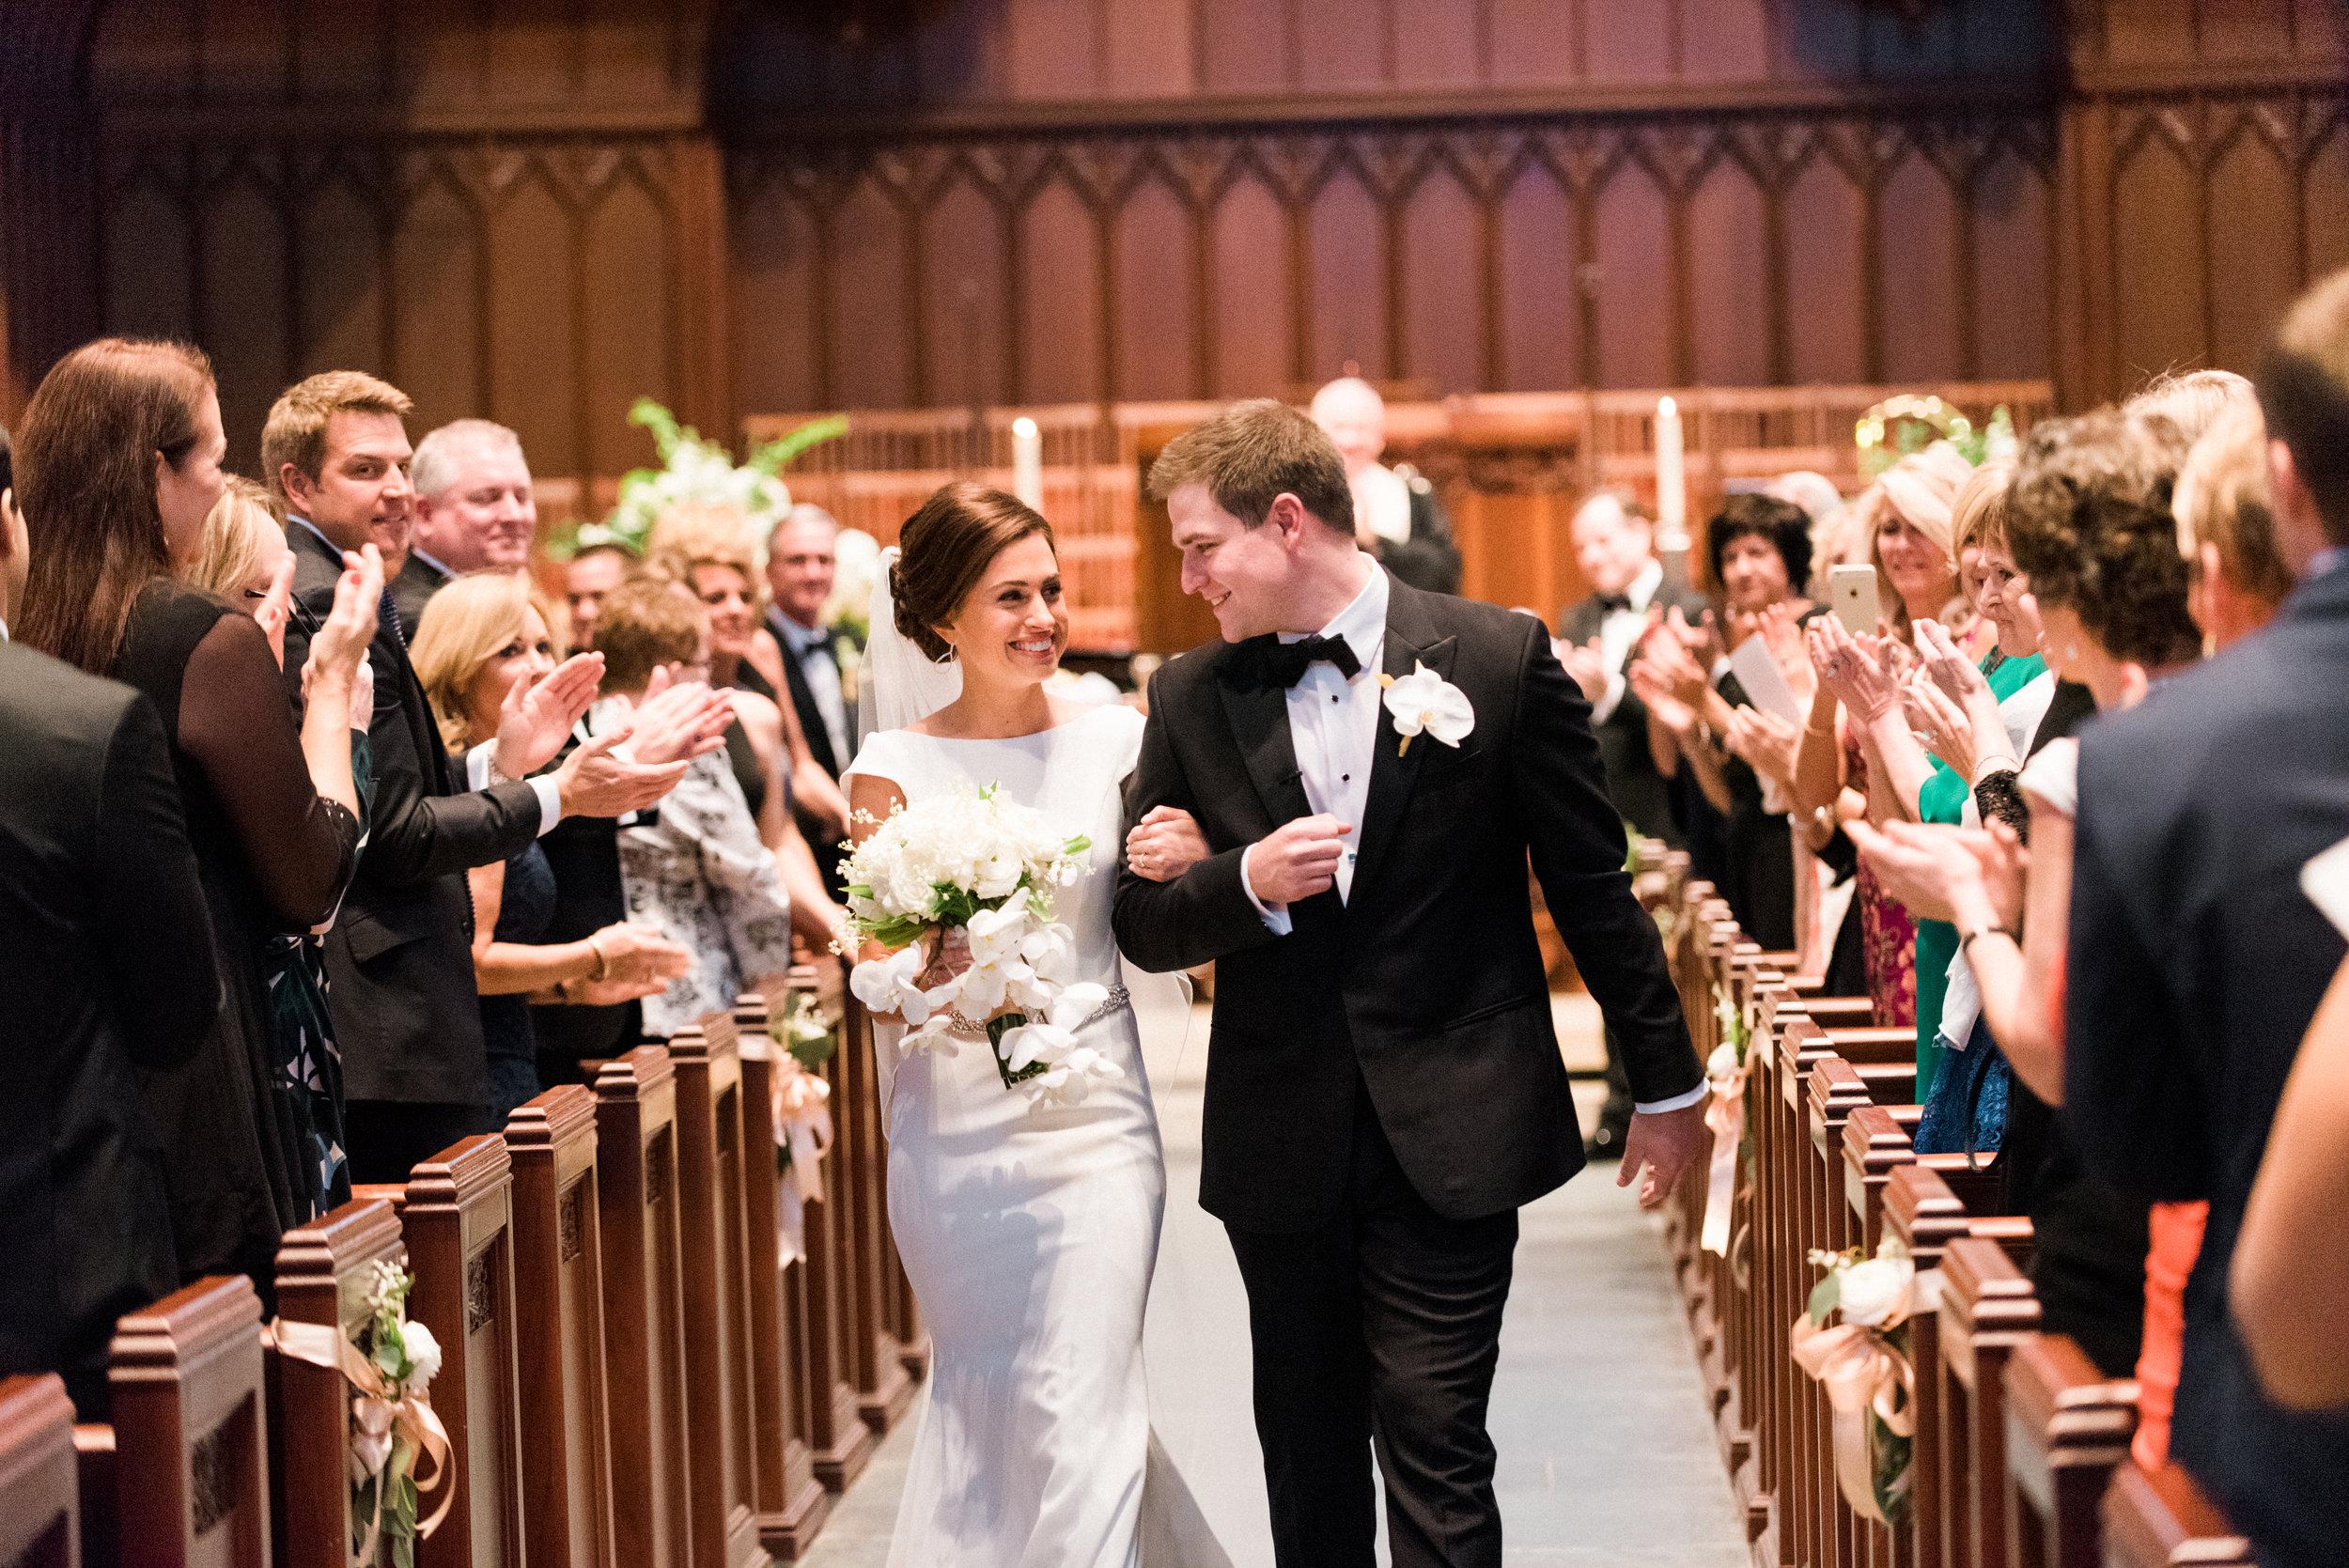 dallas-texas-highland-park-united-methodist-church-wedding-ar-photography-kristy-chad-367.jpg